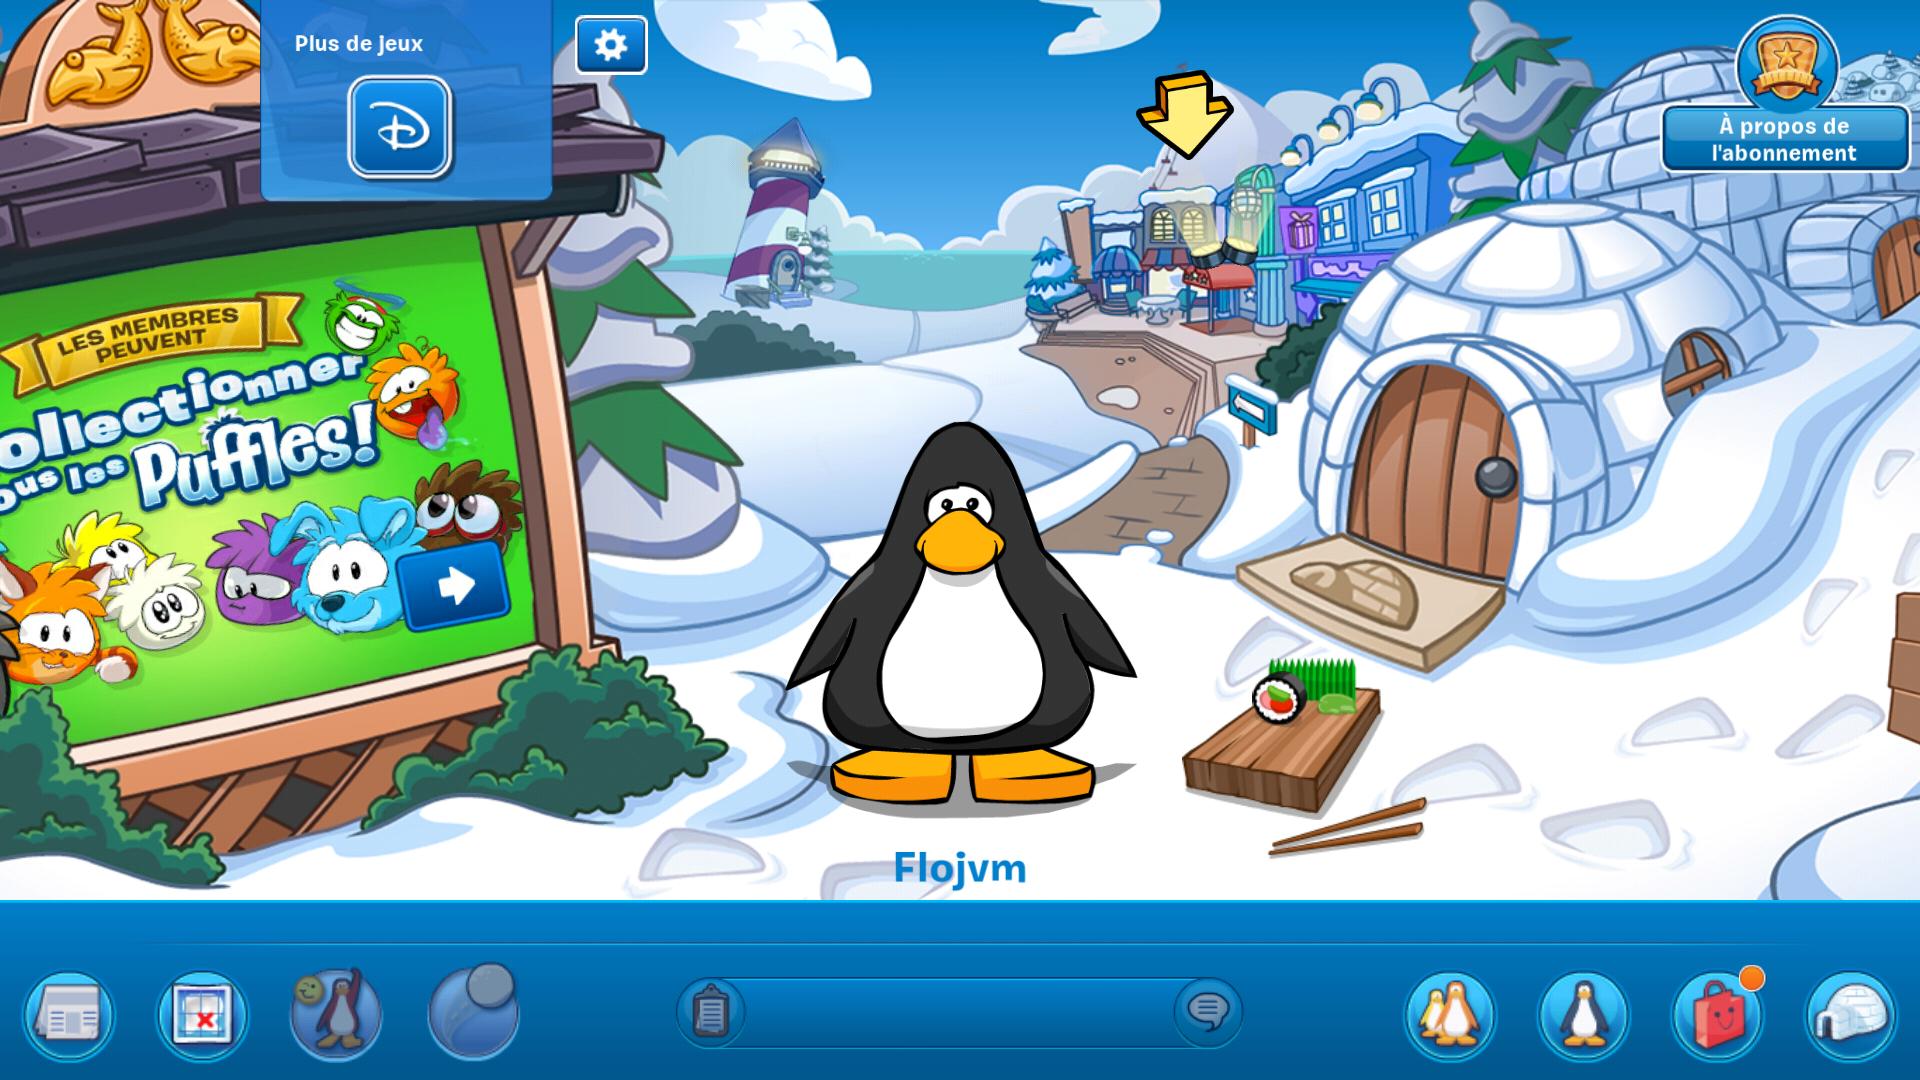 Club penguin android 16 20 test photos vid o - Jeux de club penguin gratuit ...